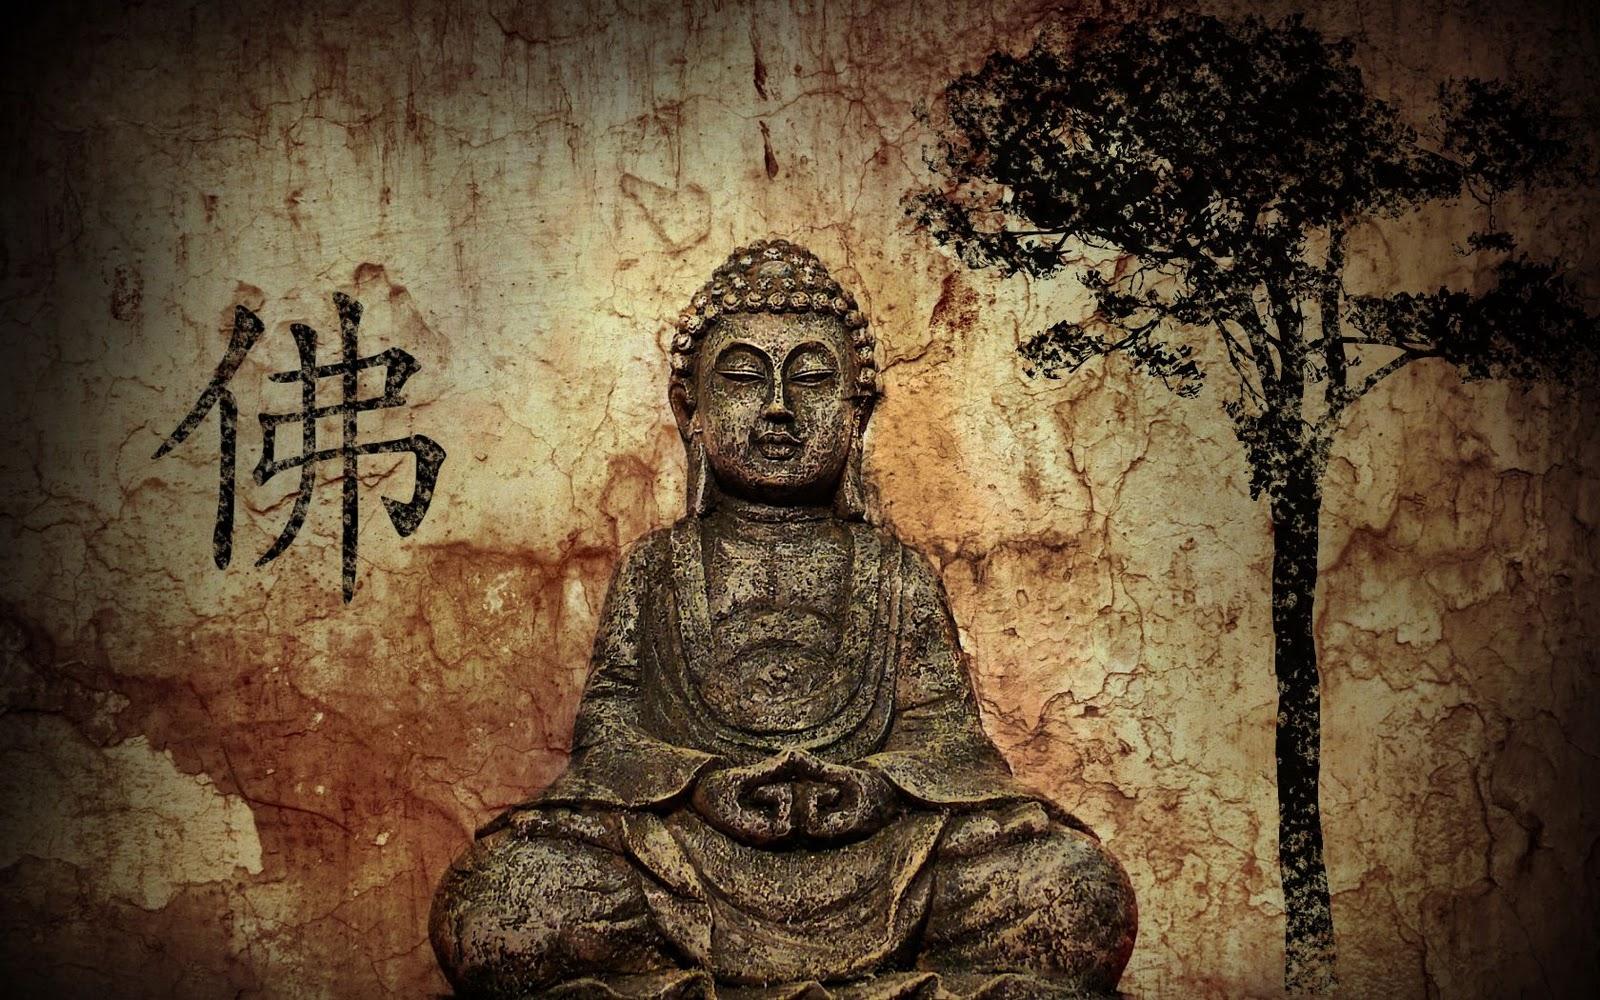 http://1.bp.blogspot.com/-2TvF2wuNy8I/Tr1EghxhmnI/AAAAAAAAH4w/fmcgCpbdaZA/s1600/Buddha.jpg